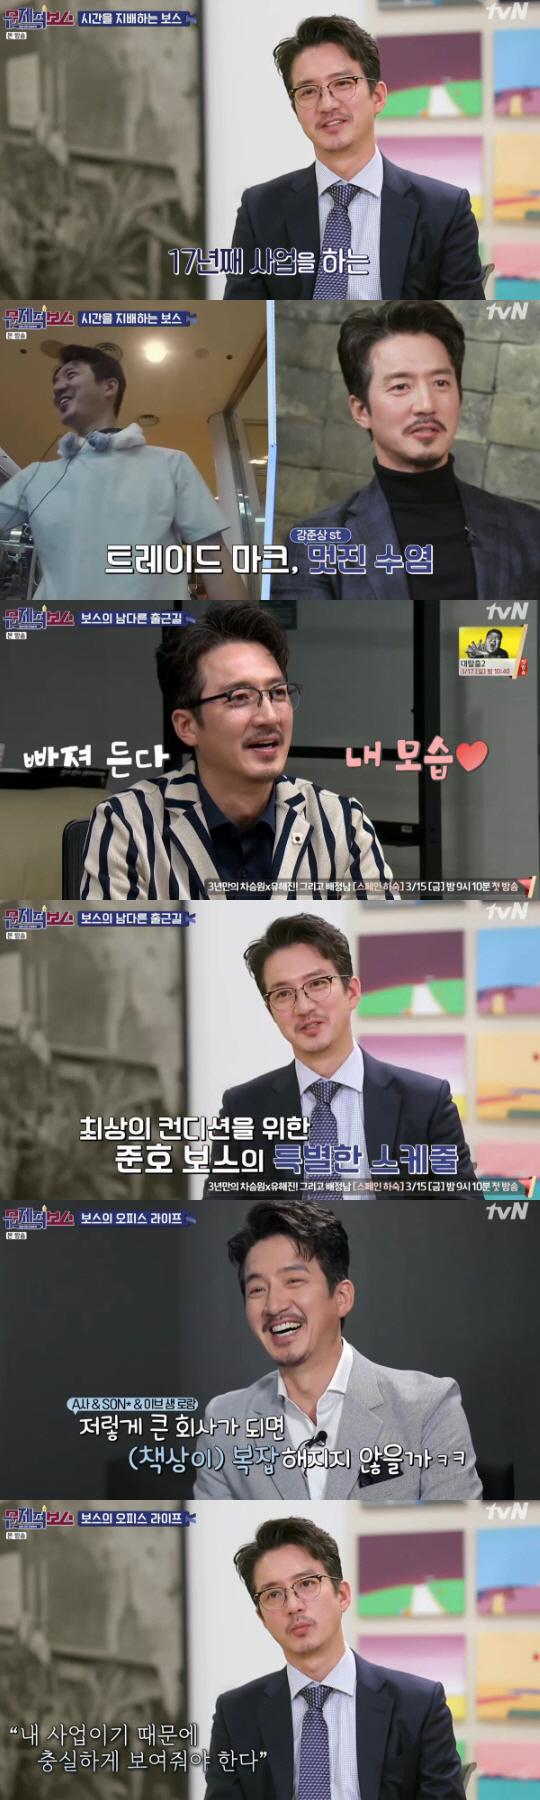 [종합] '문제적보스' 인맥·준비성甲 정준호 vs 꼼꼼·카리스마 토니안